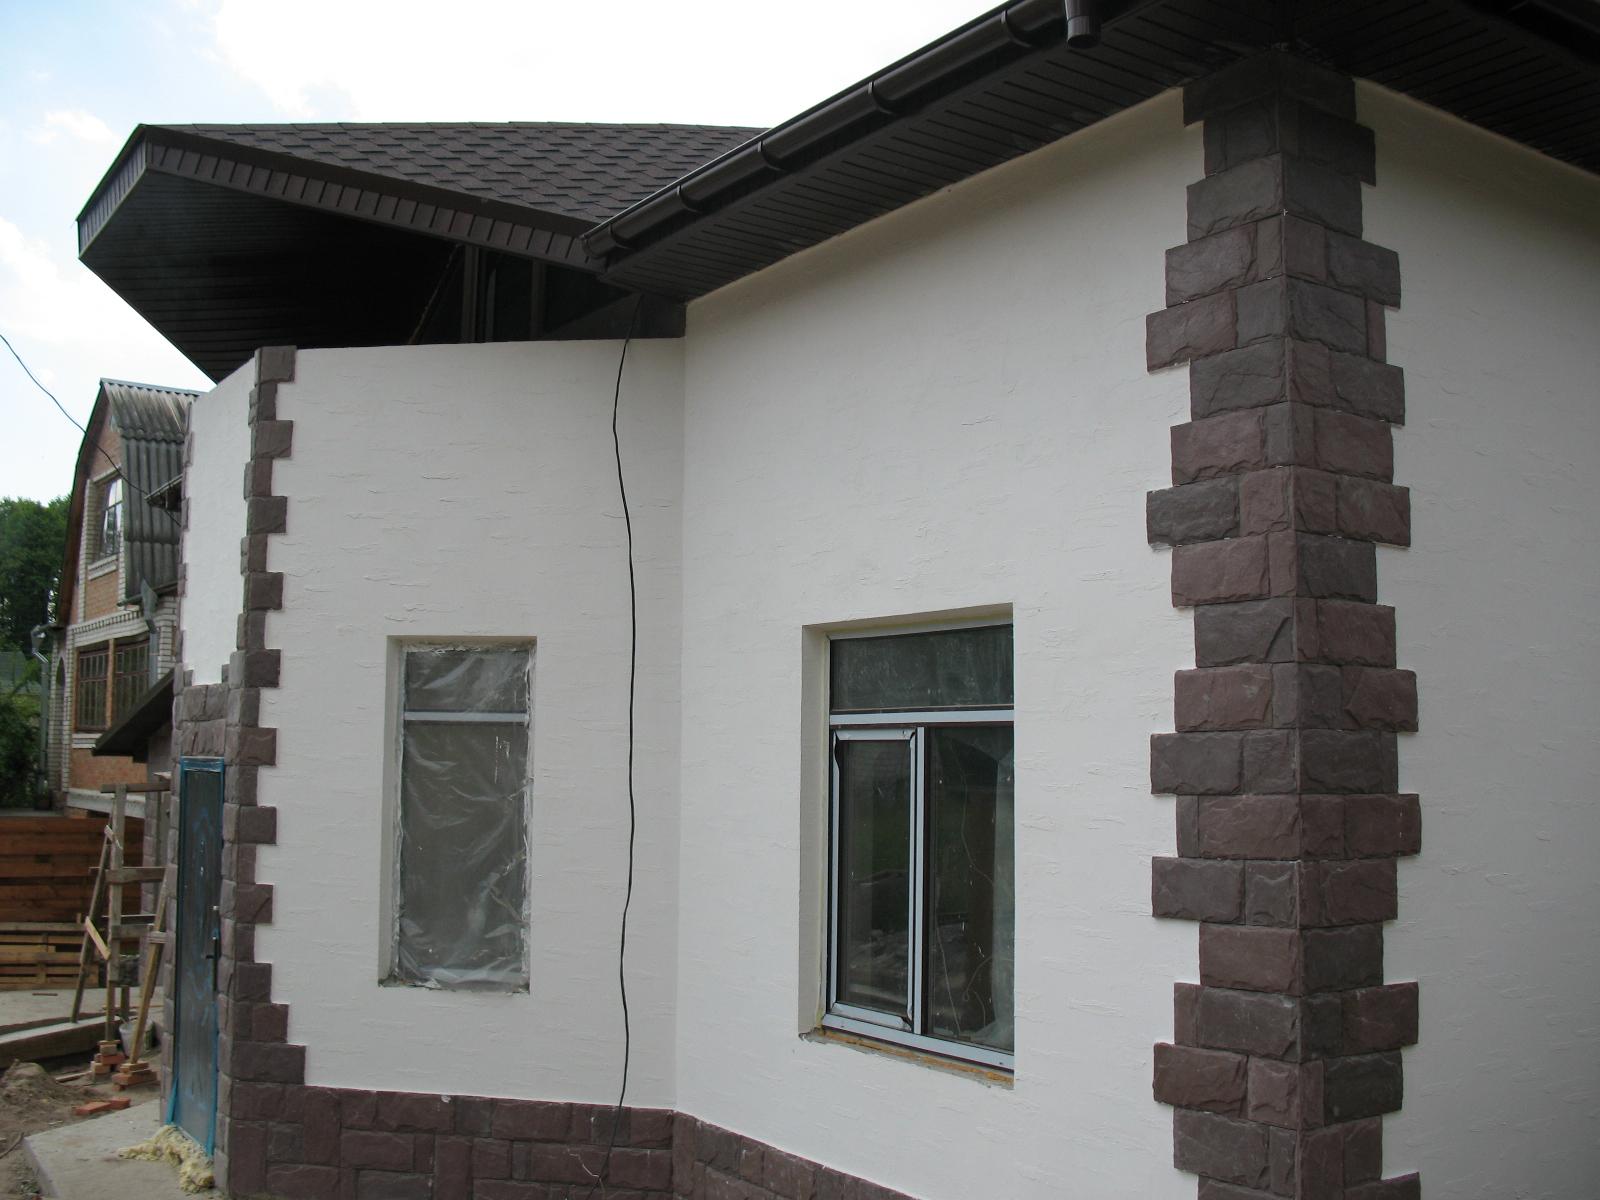 """Дизайн штукатурки фасада дома фото """" Картинки и фотографии дизайна квартир, домов, коттеджей"""